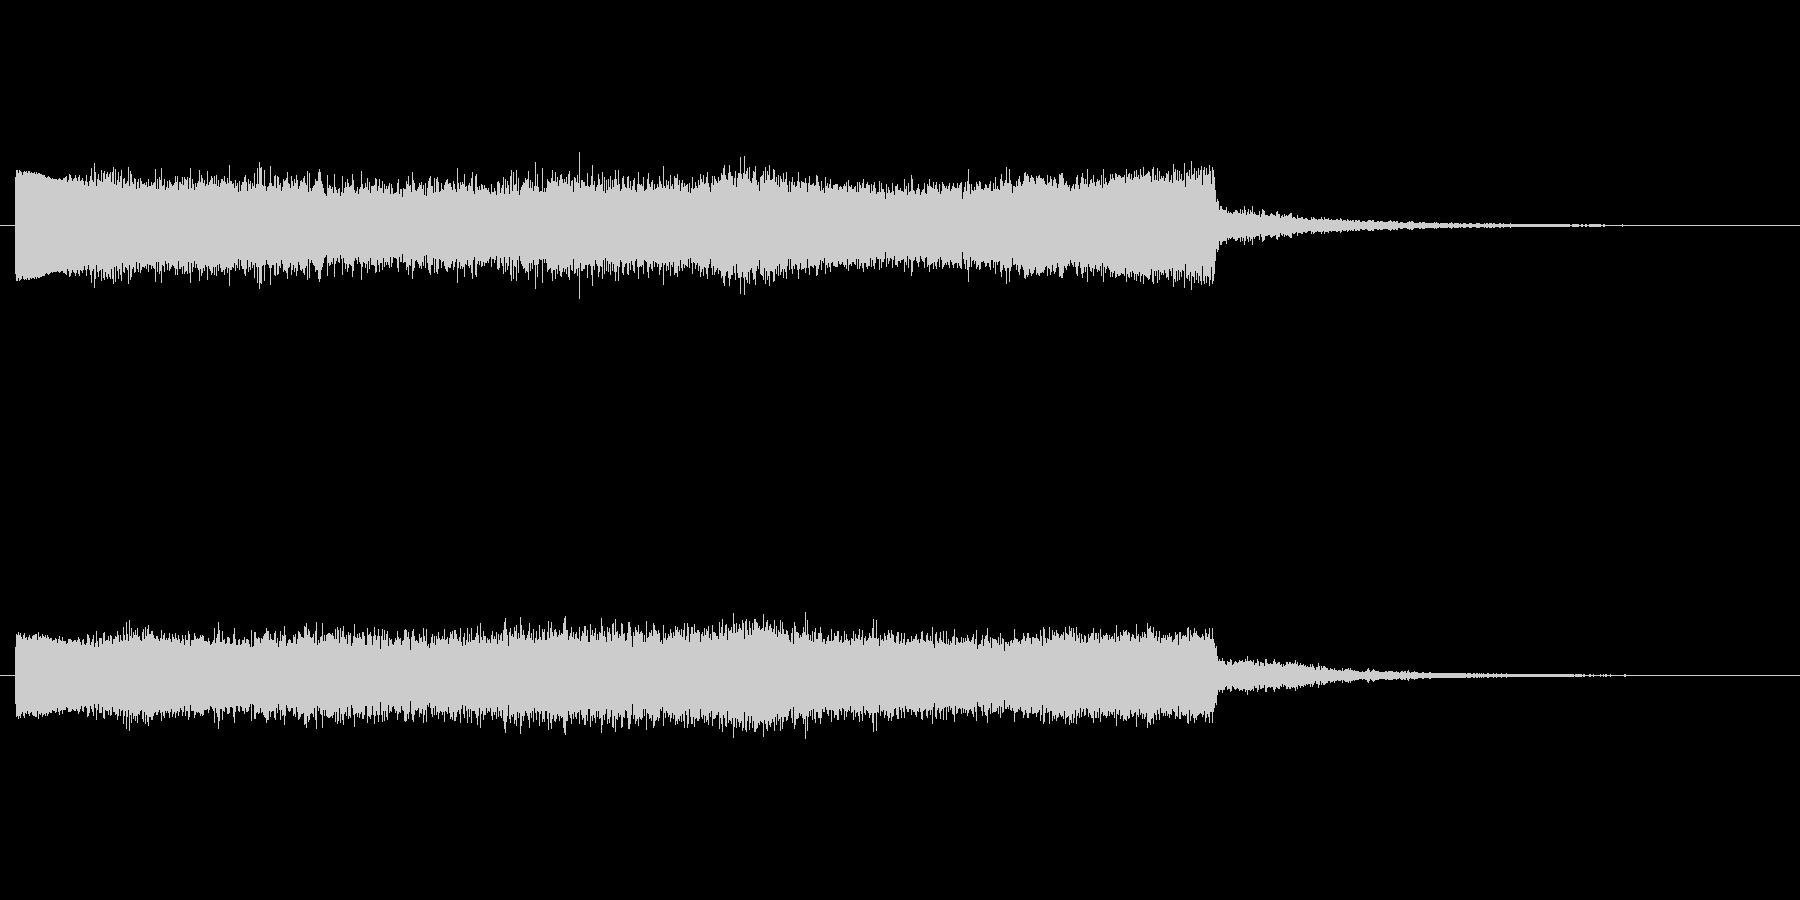 上昇 ノイズライズフォール03の未再生の波形